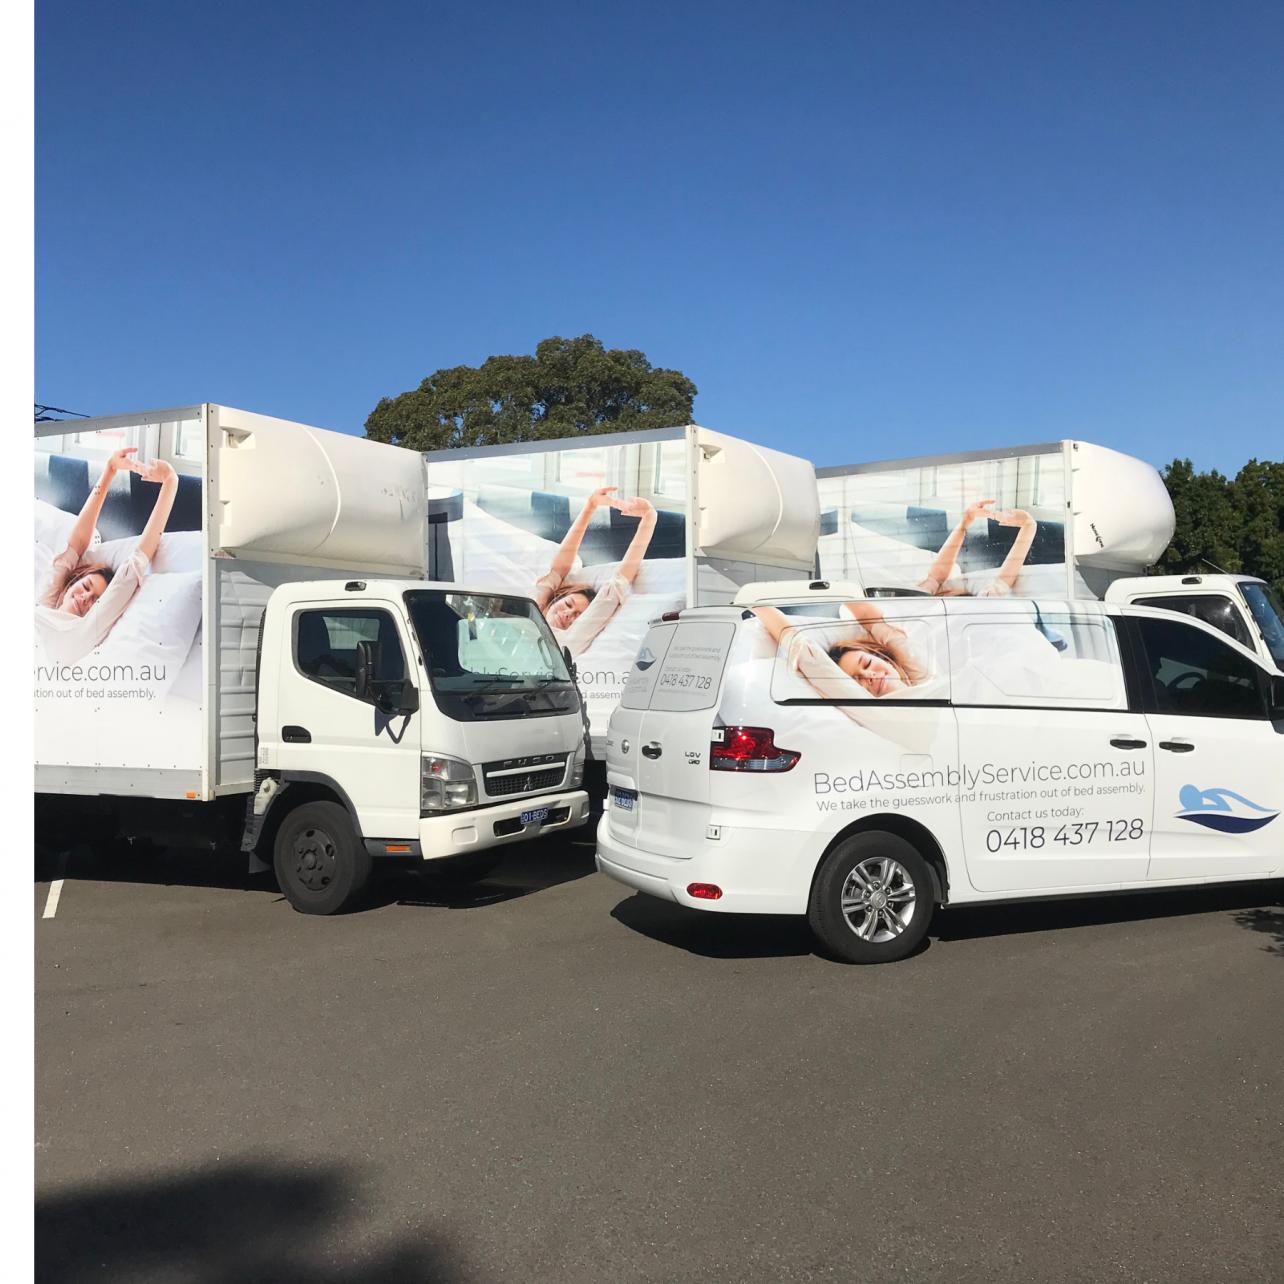 bed assembly service sydney Property Relocation